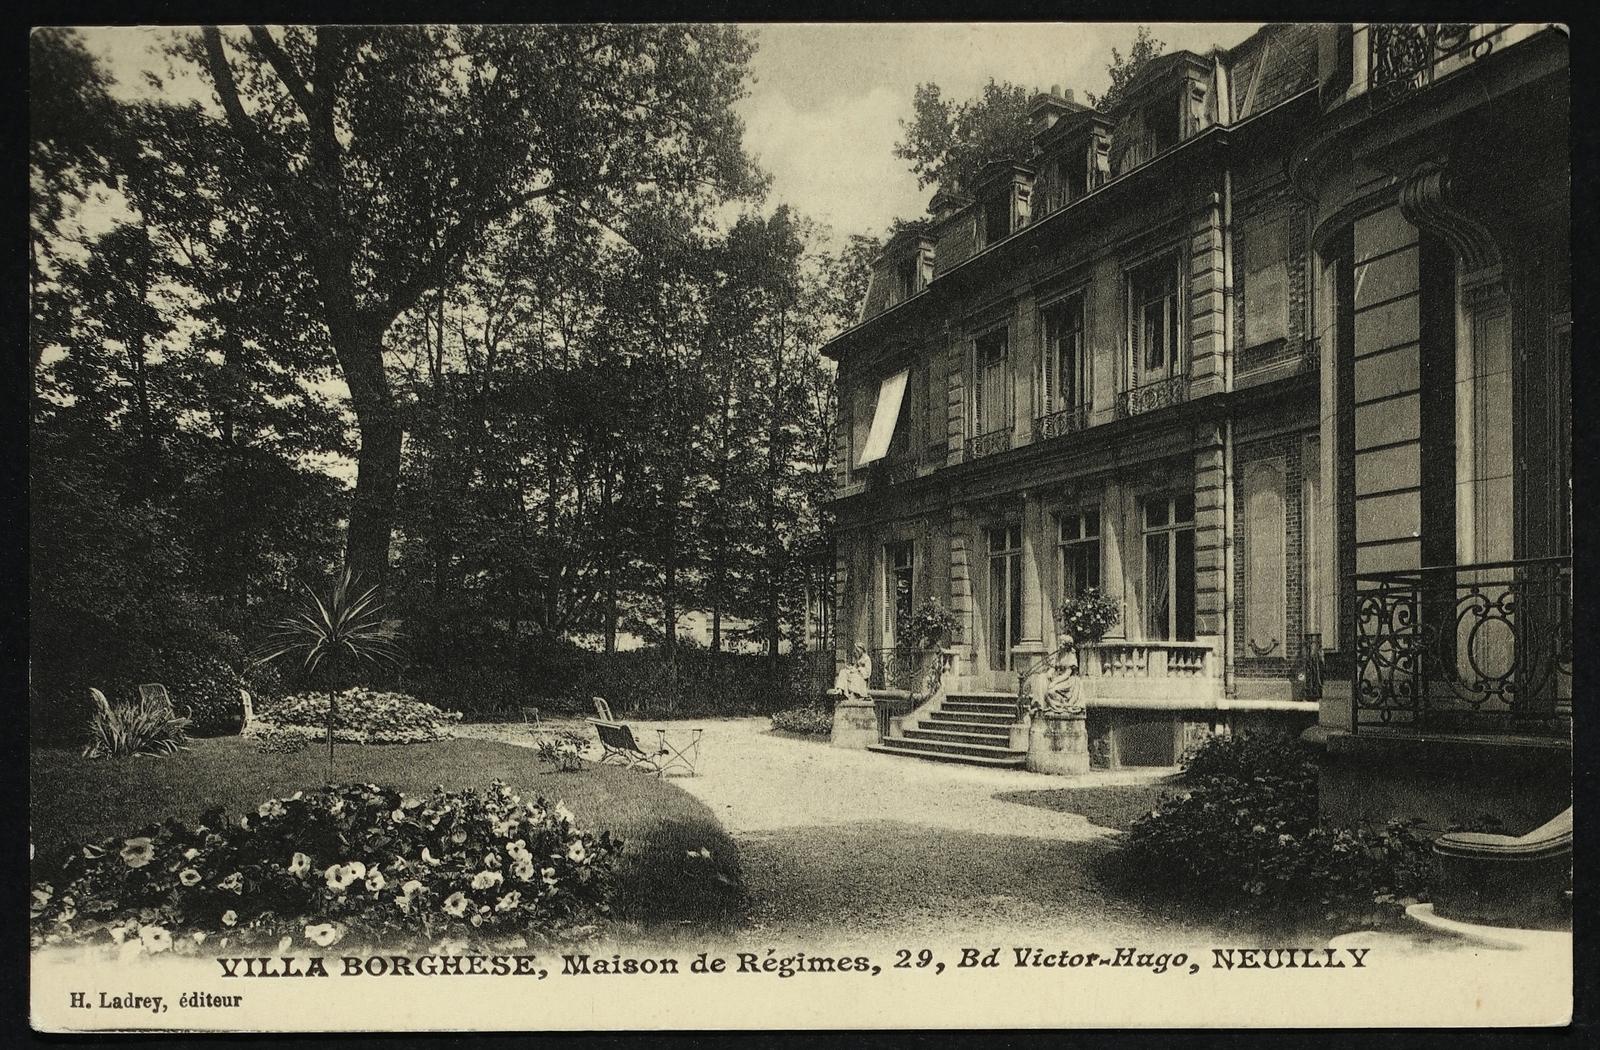 Neuilly Sur Seine Villa Borghese Maison De Regimes 29 Bd Victor Hugo Carte Postale Ancienne Et Vue D Hier Et Aujourd Hui Geneanet